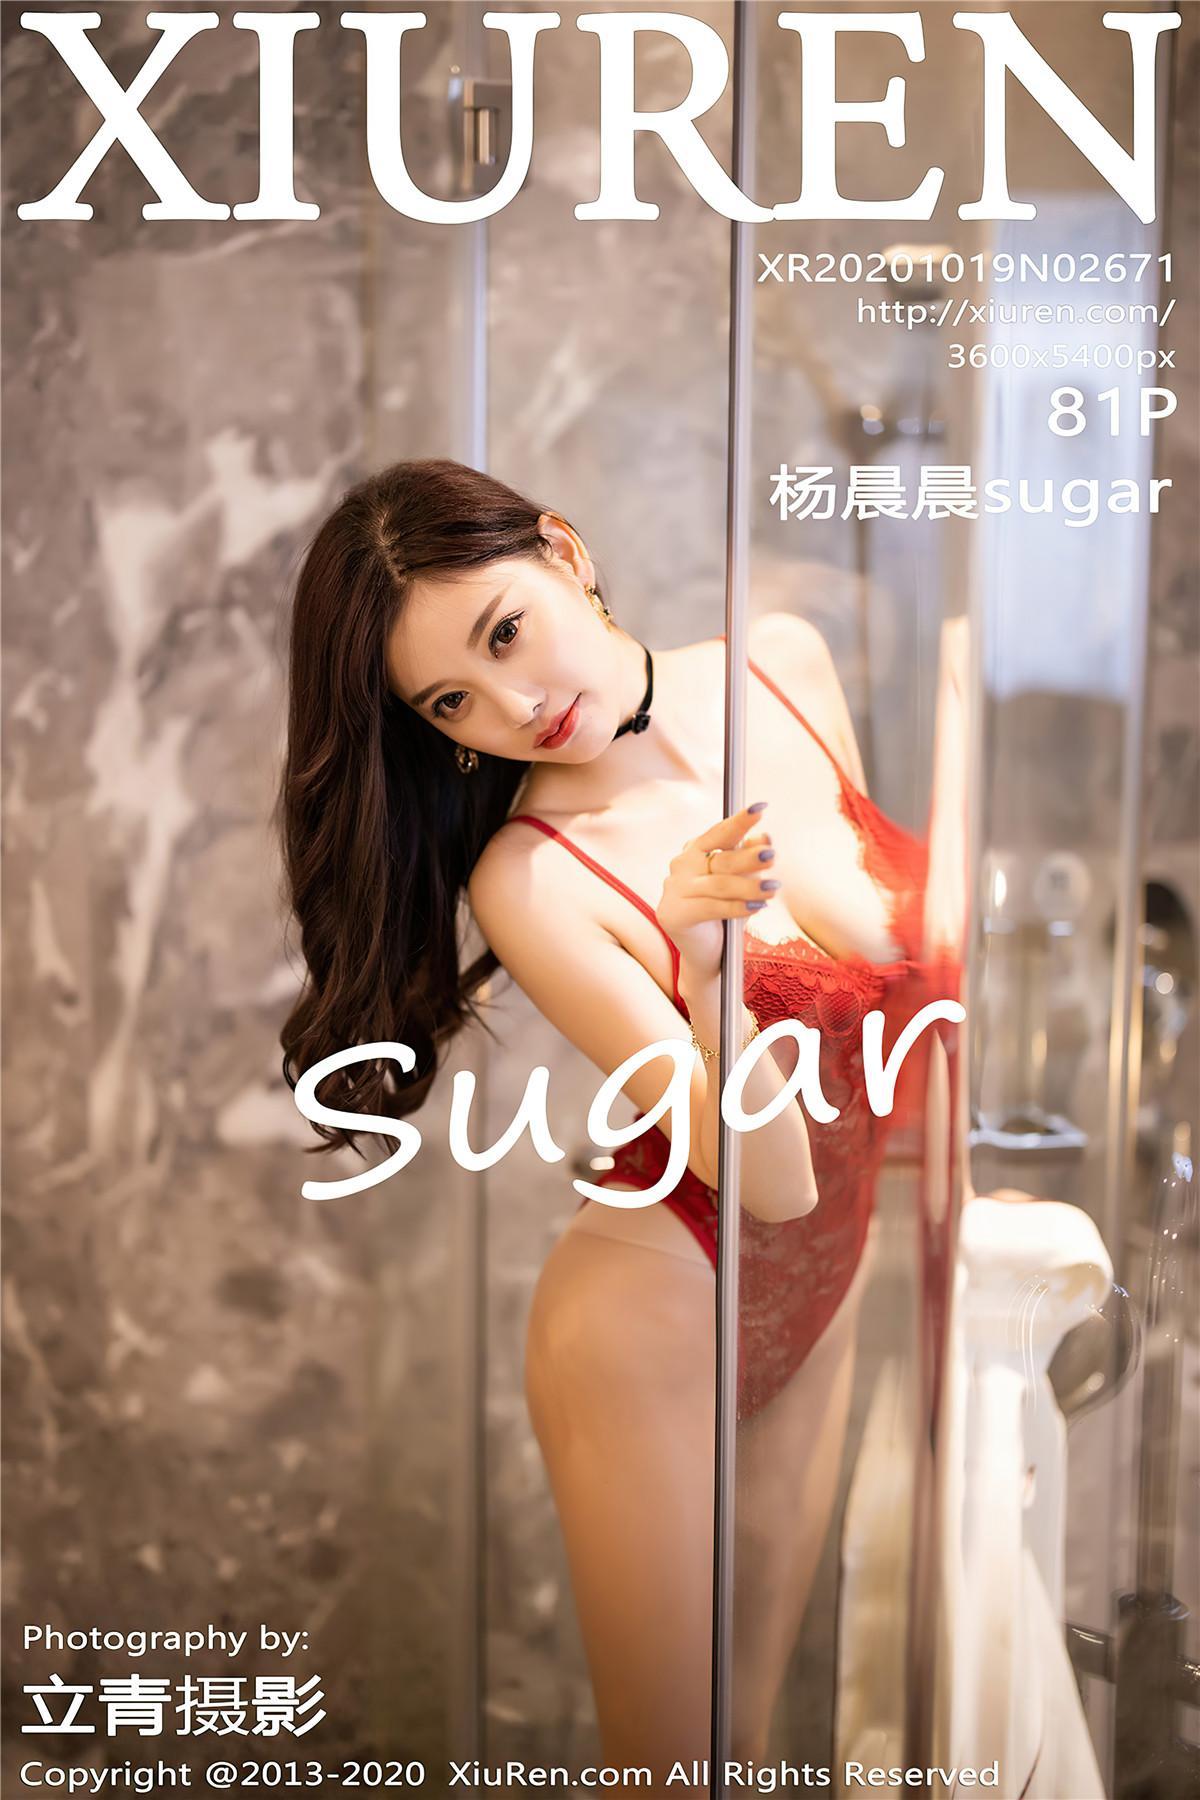 [XIUREN秀人网] 2020.10.19 No.2671 杨晨晨sugar [82P/714MB]插图